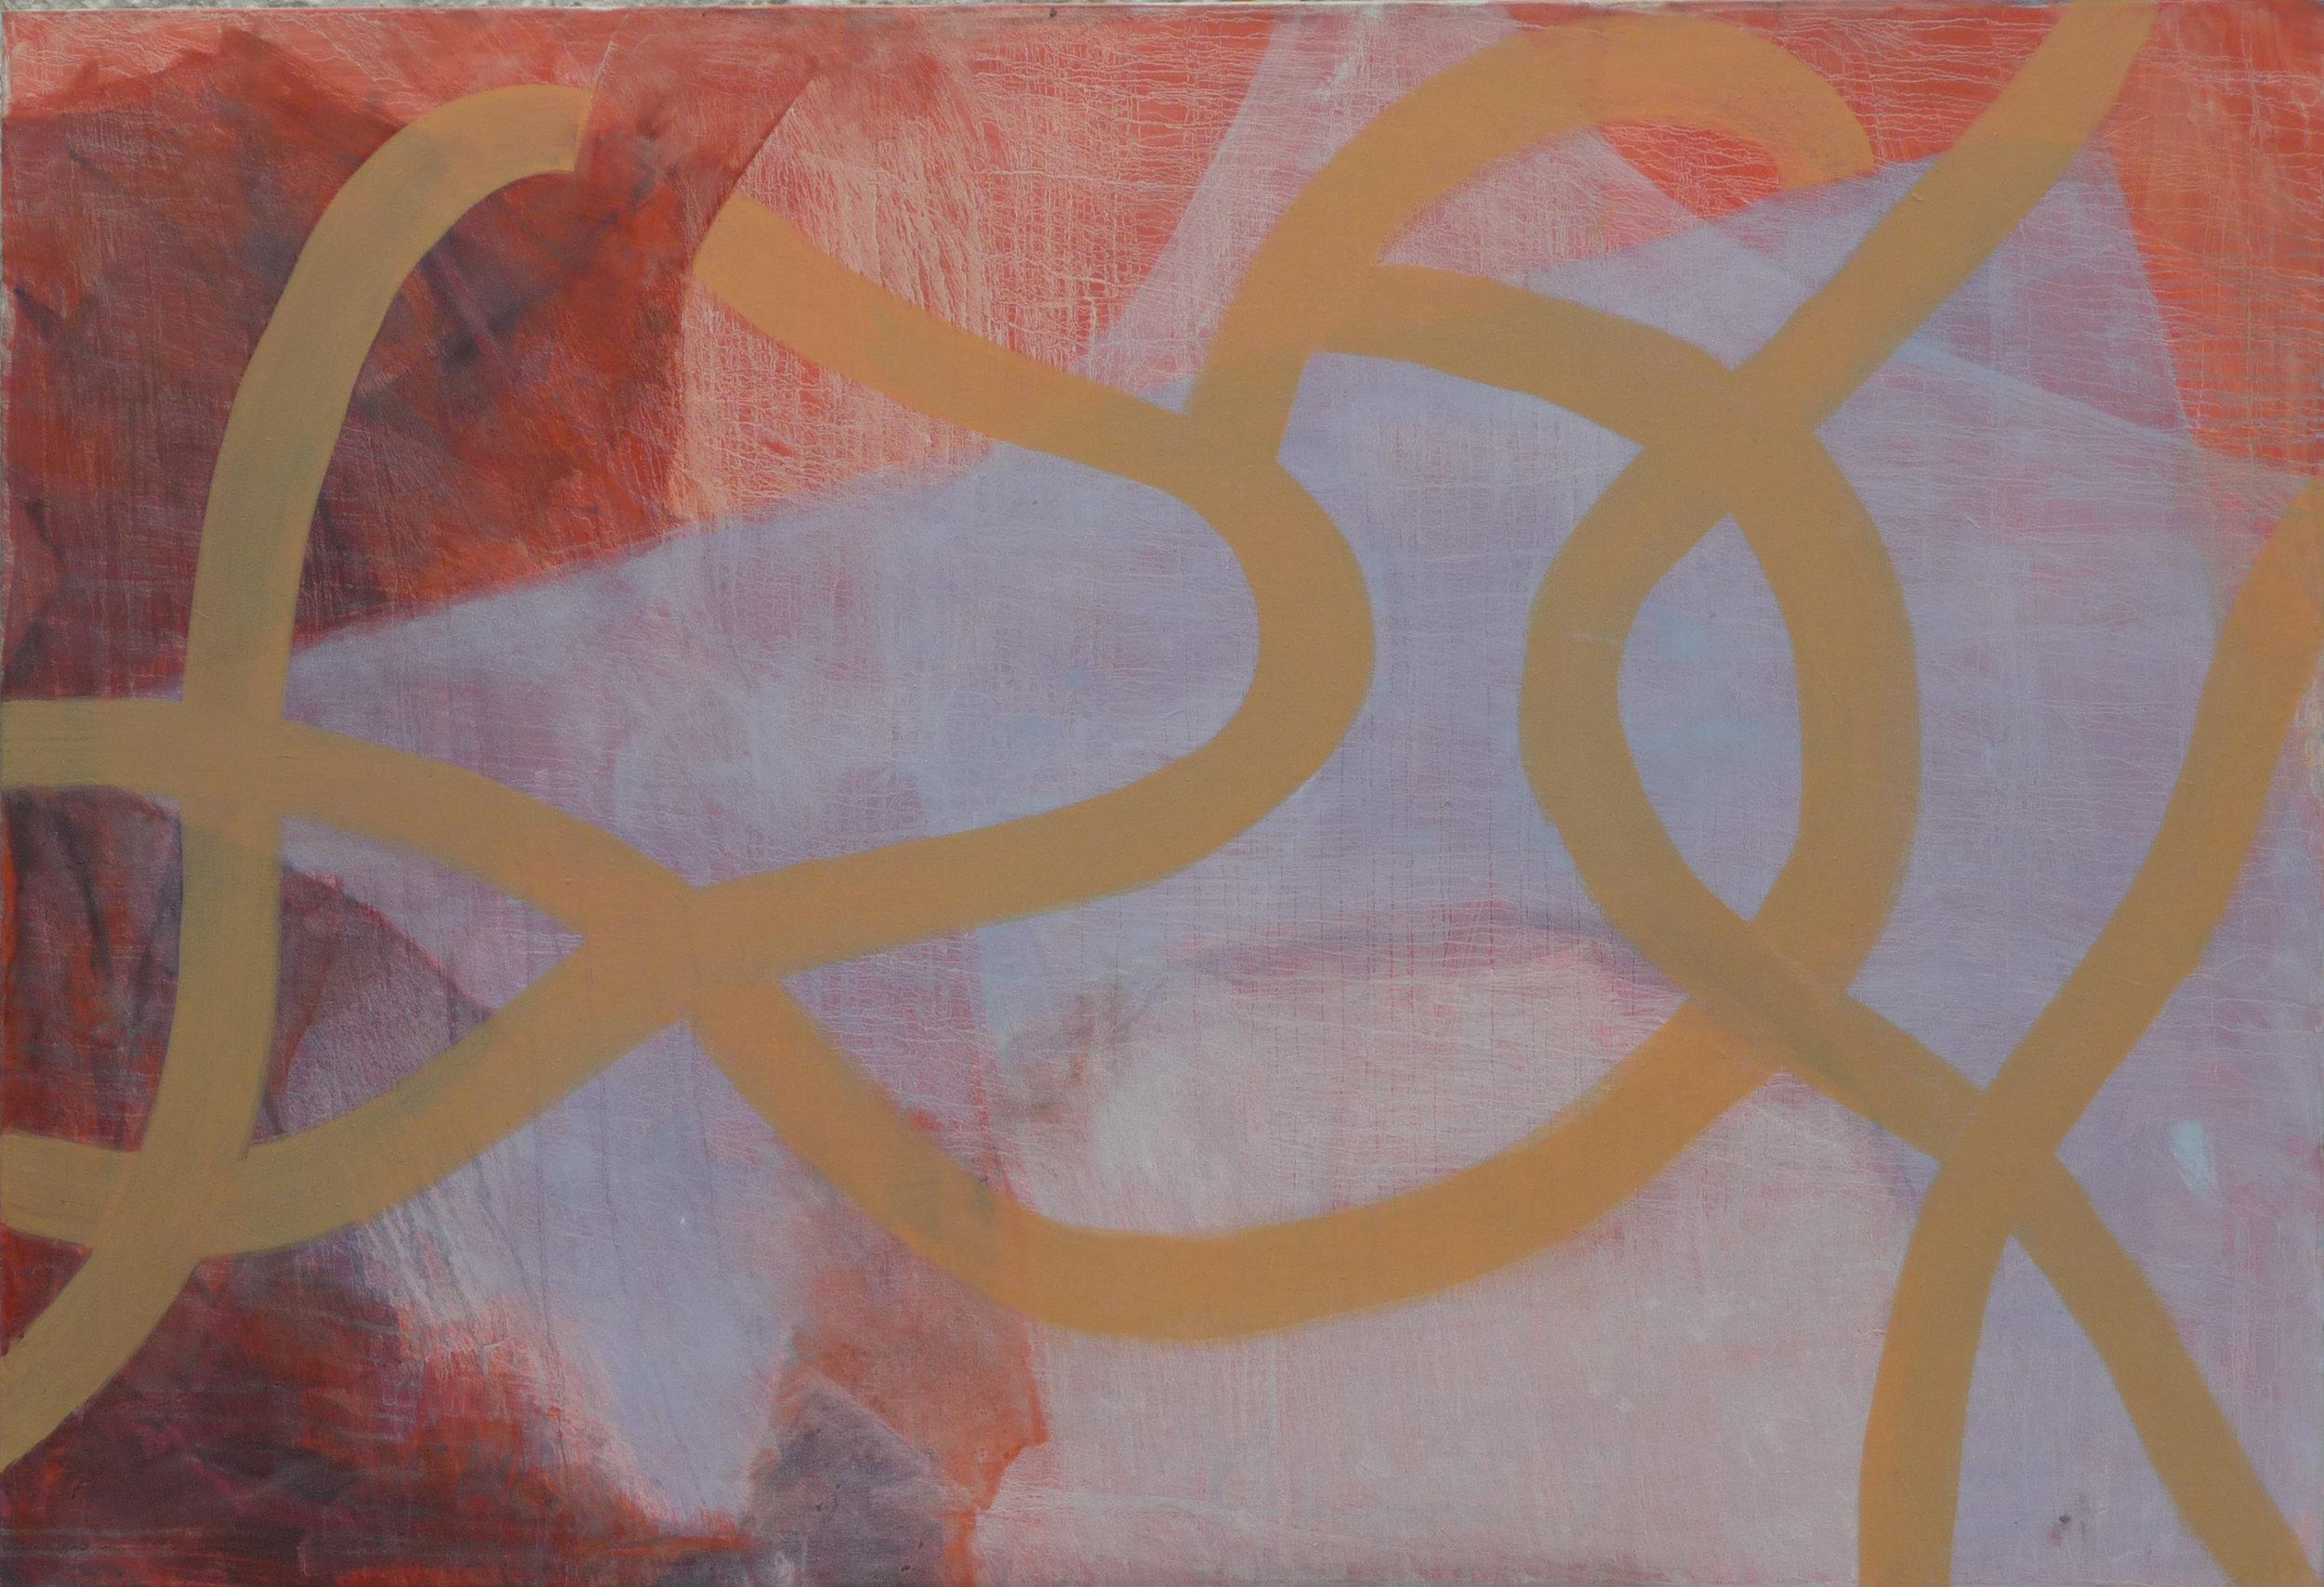 Schemenhaft, Oil on canvas, 110 x 160 cm